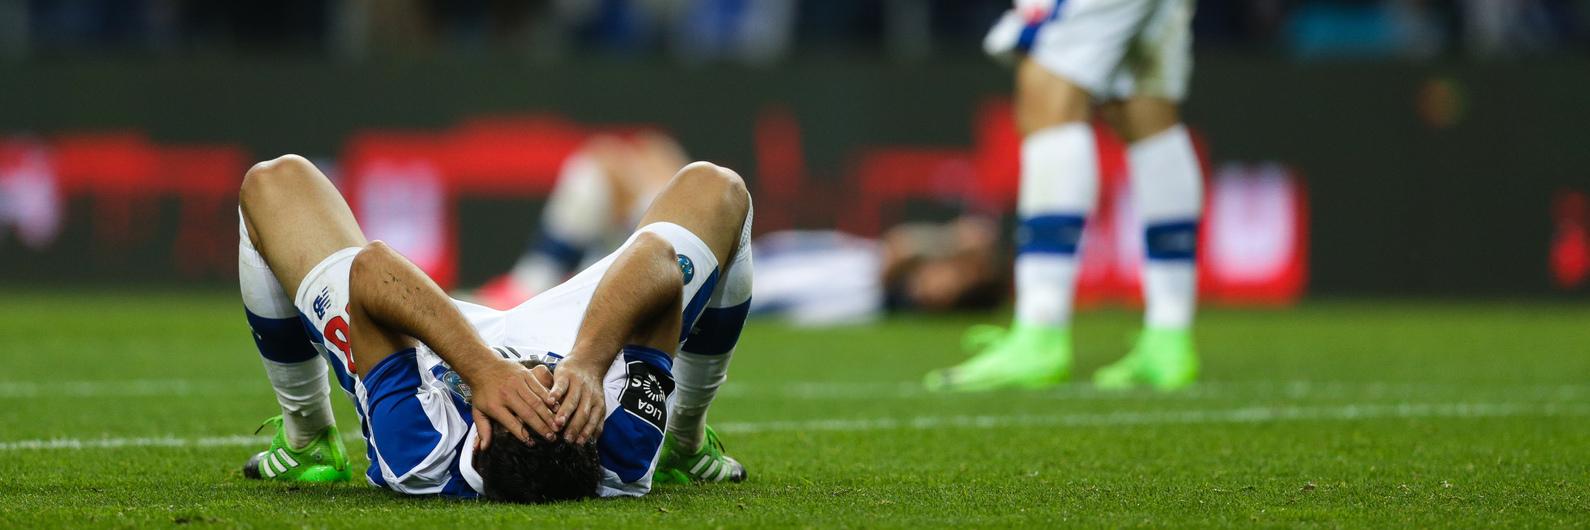 FC Porto empata com Feirense em casa e volta a ficar a três pontos do Benfica